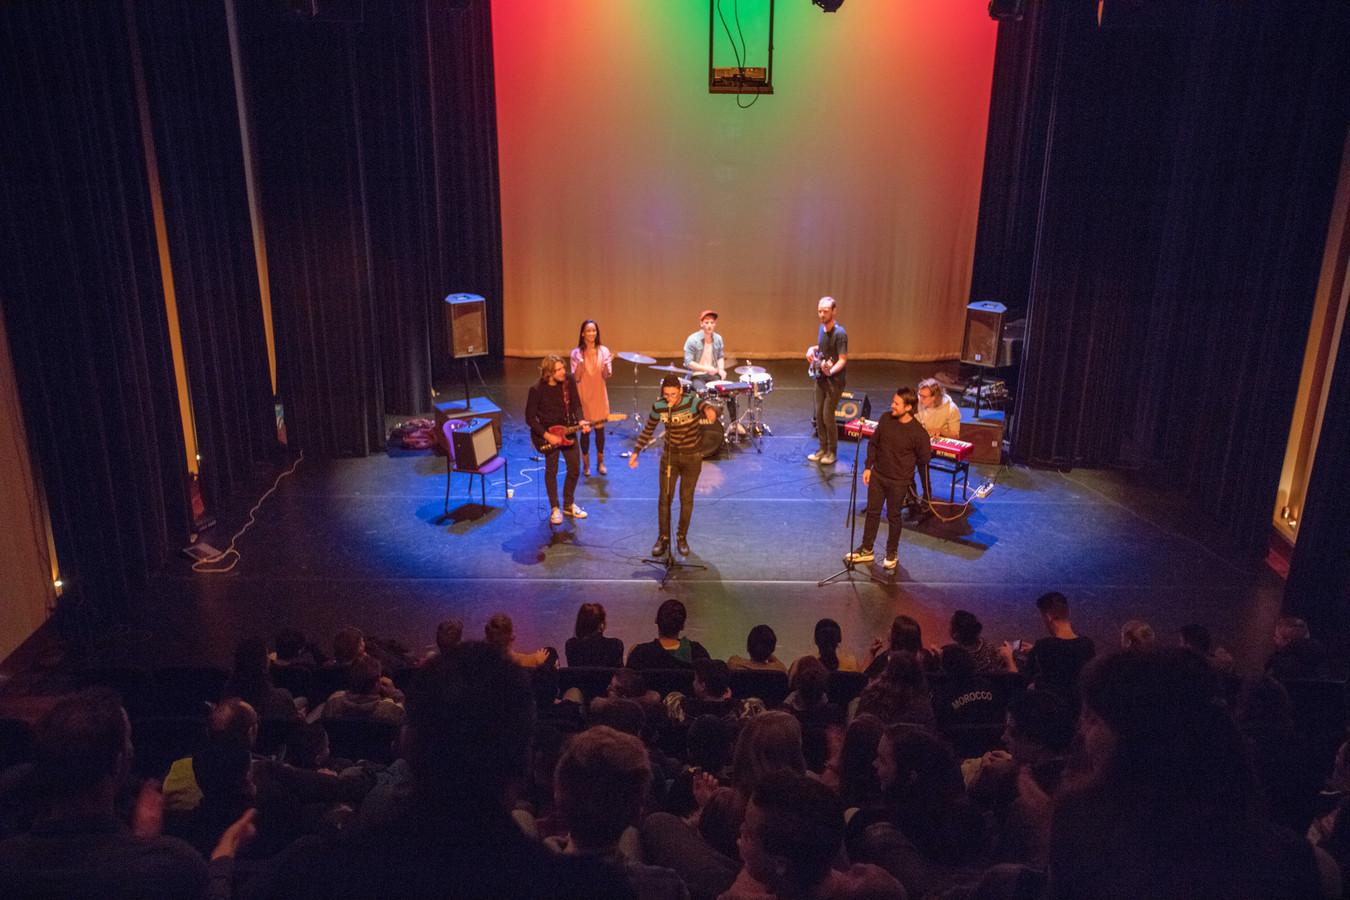 Optreden voor Cresco-project in de Scala-zaal in Helmond.